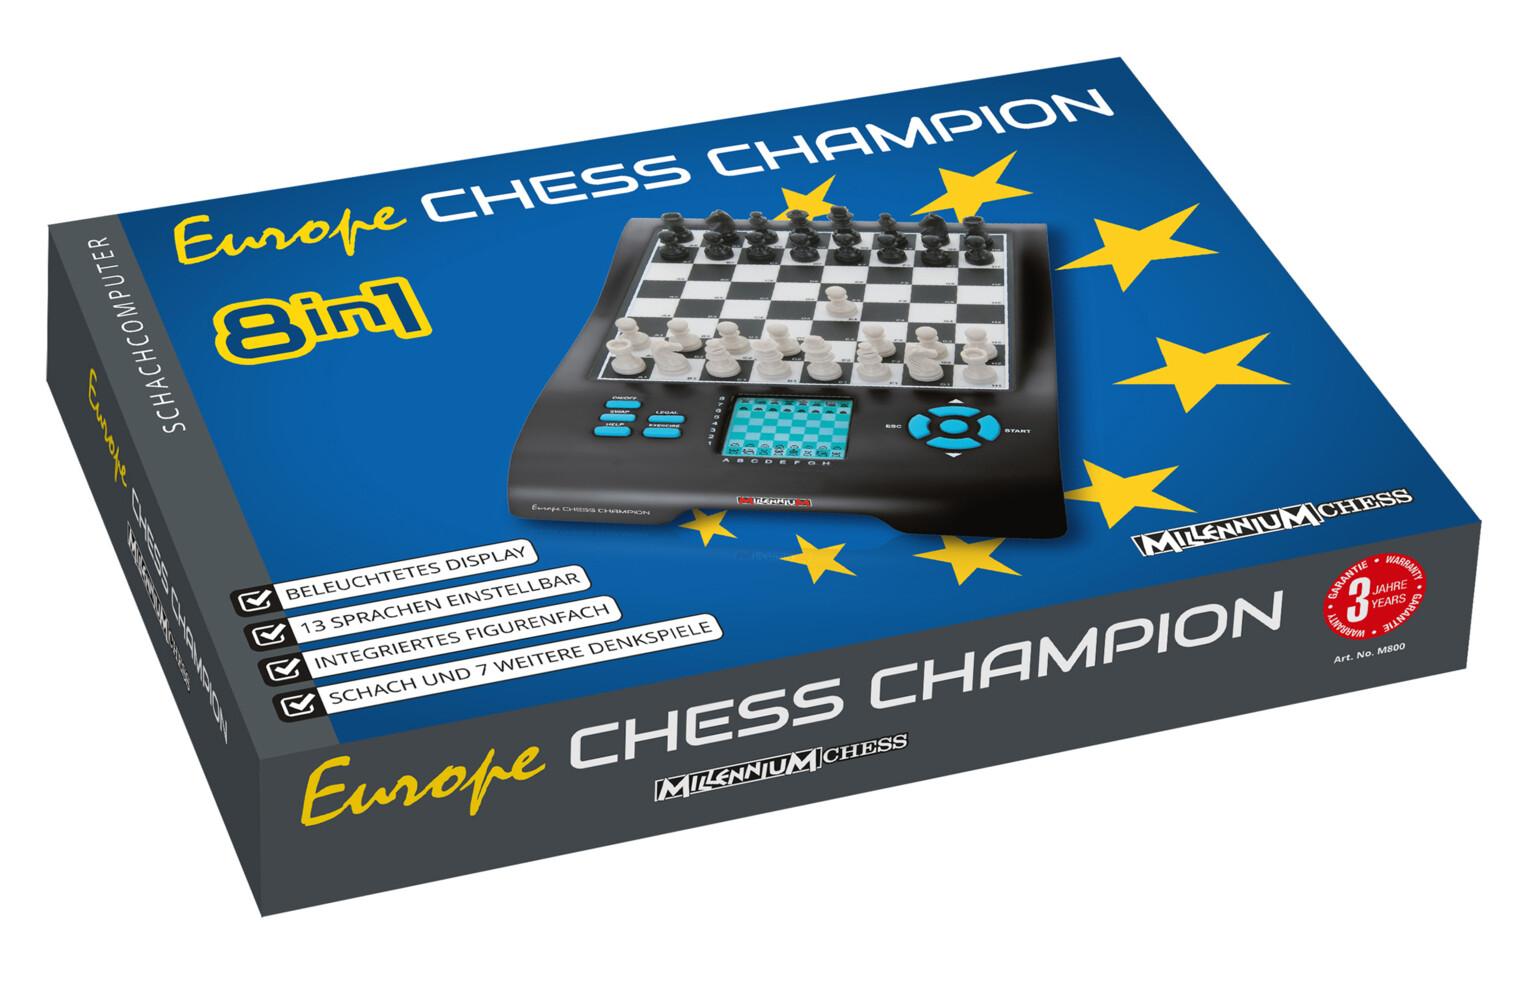 Europe Chess Master II